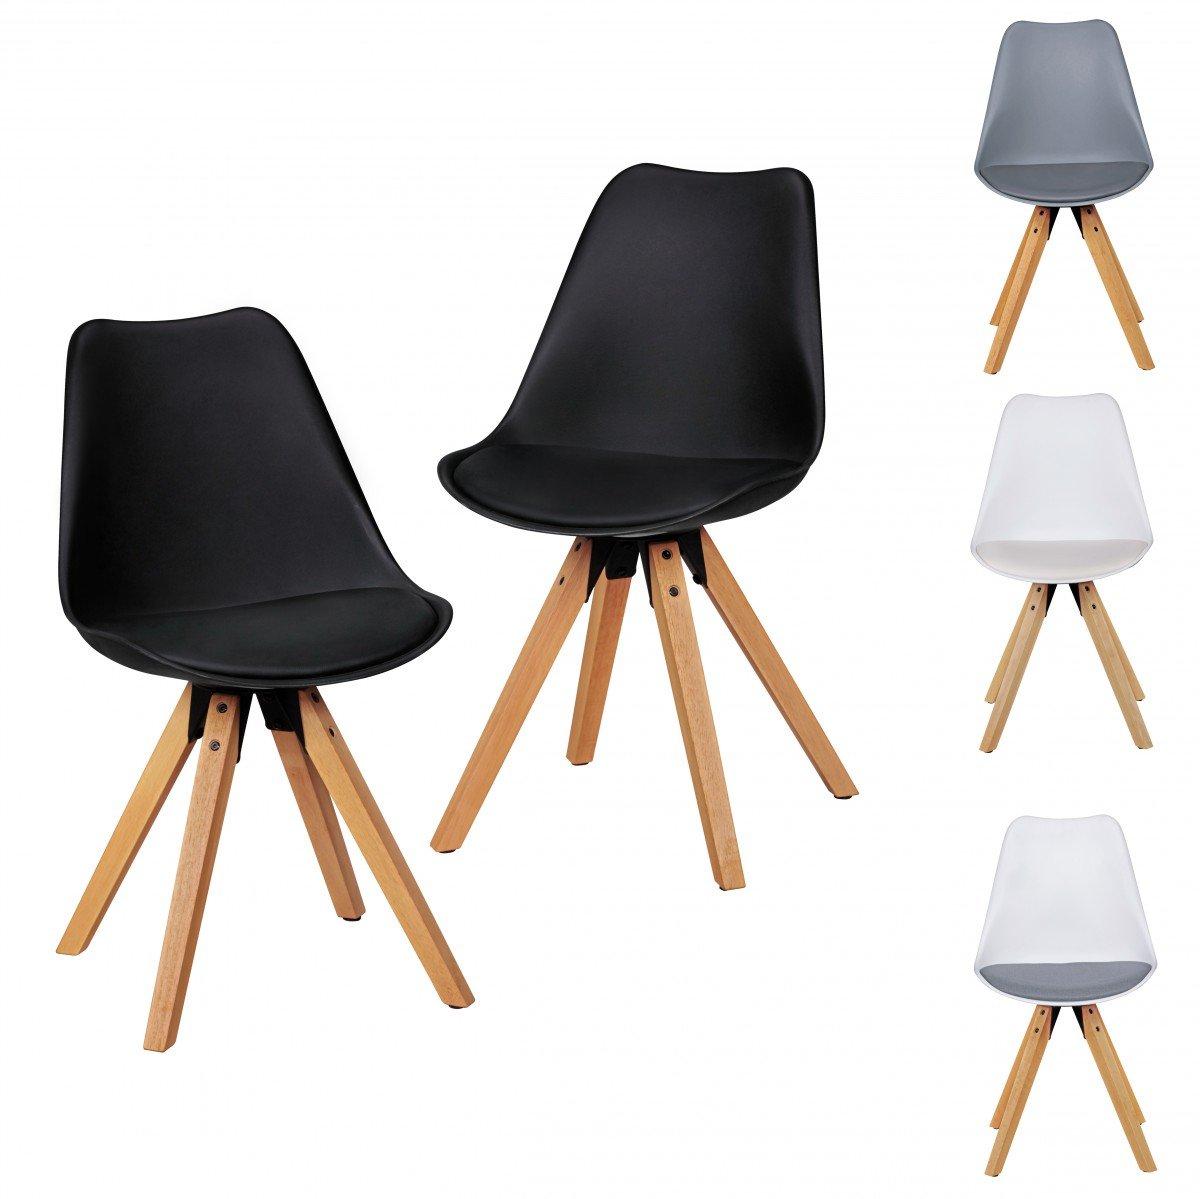 2er Set Retro Esszimmerstühle ohne Armlehne   Sitzfläche Kunstleder ...